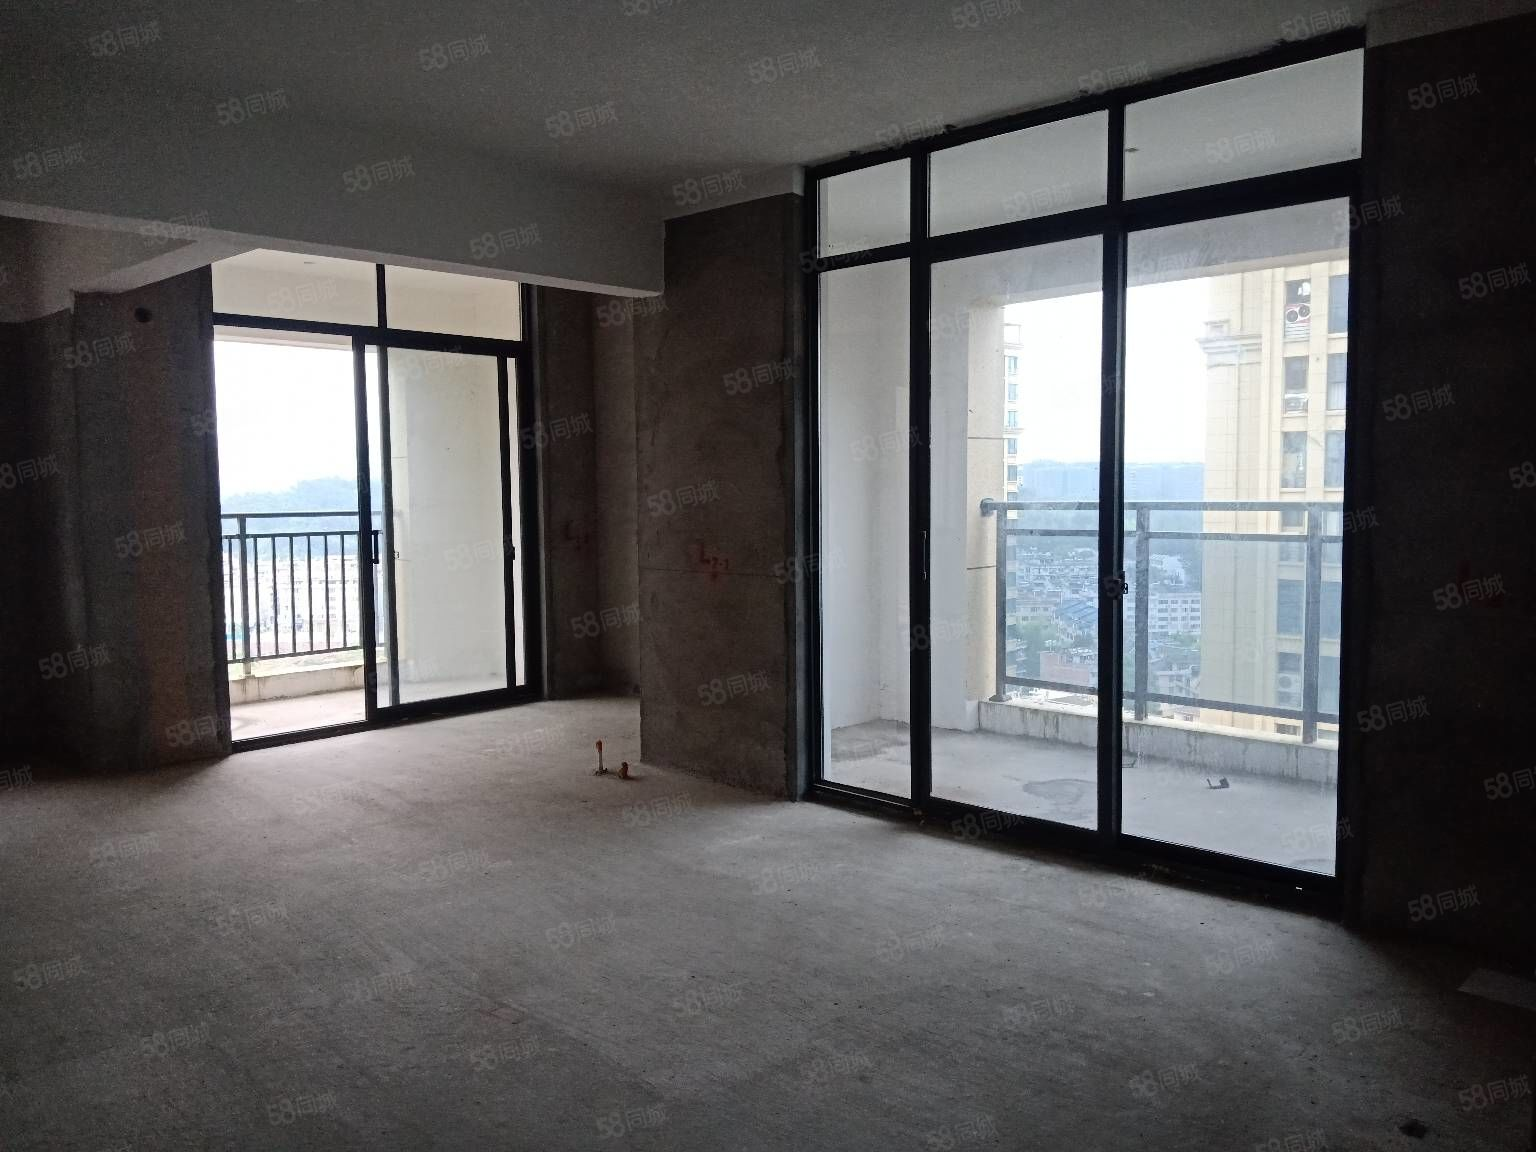 青草湾大面积边套毛坯房出售,四室两厅两卫三阳台,周边配套齐全